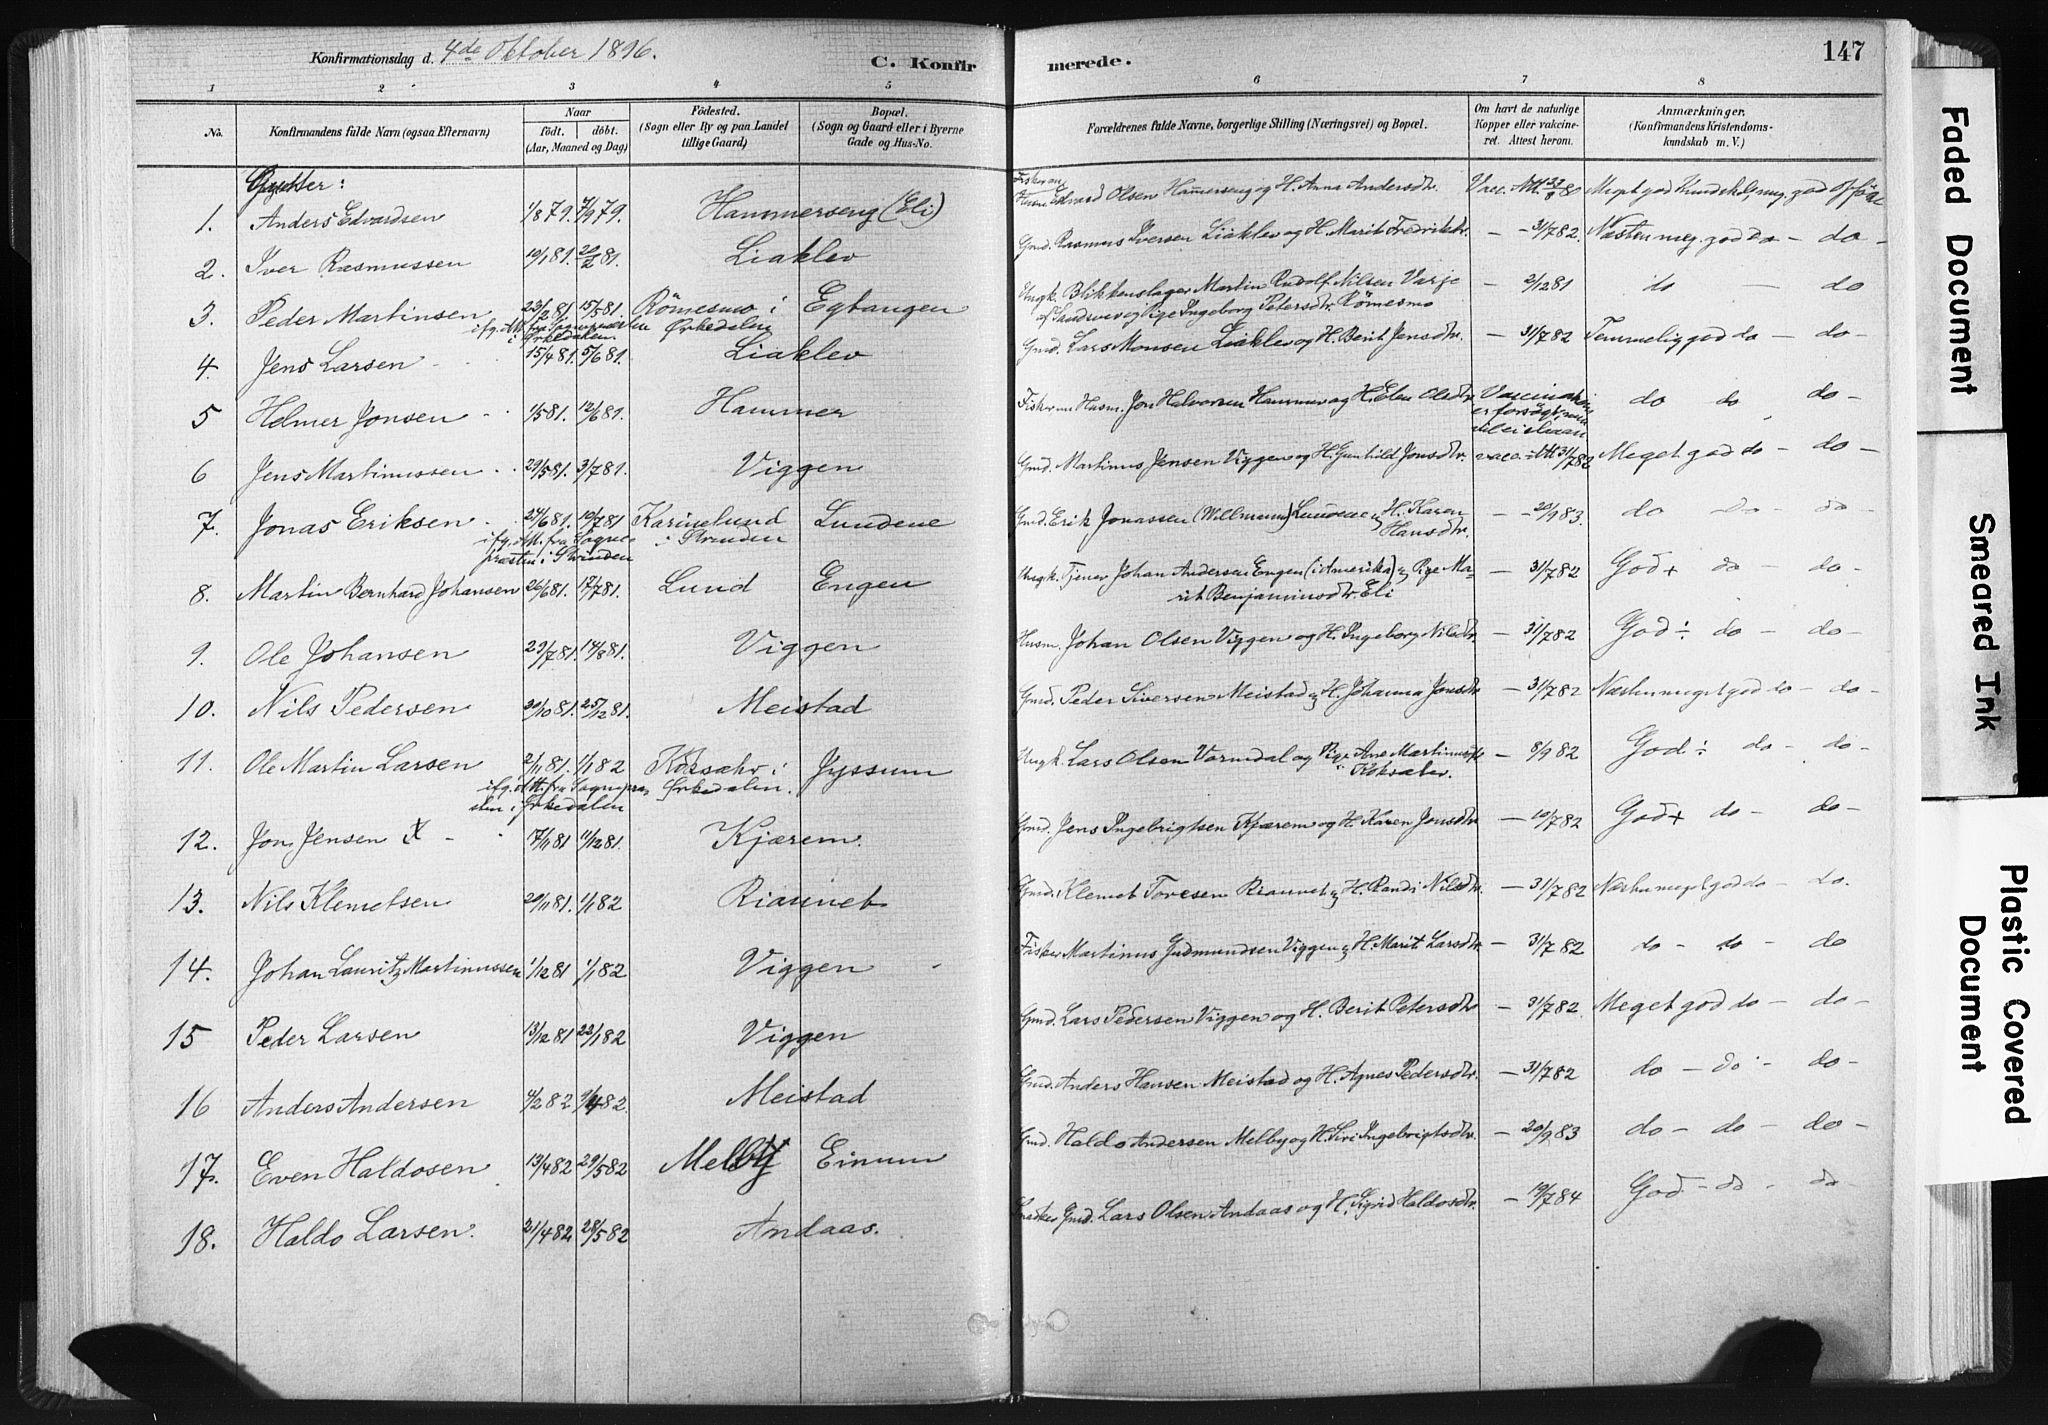 SAT, Ministerialprotokoller, klokkerbøker og fødselsregistre - Sør-Trøndelag, 665/L0773: Ministerialbok nr. 665A08, 1879-1905, s. 147